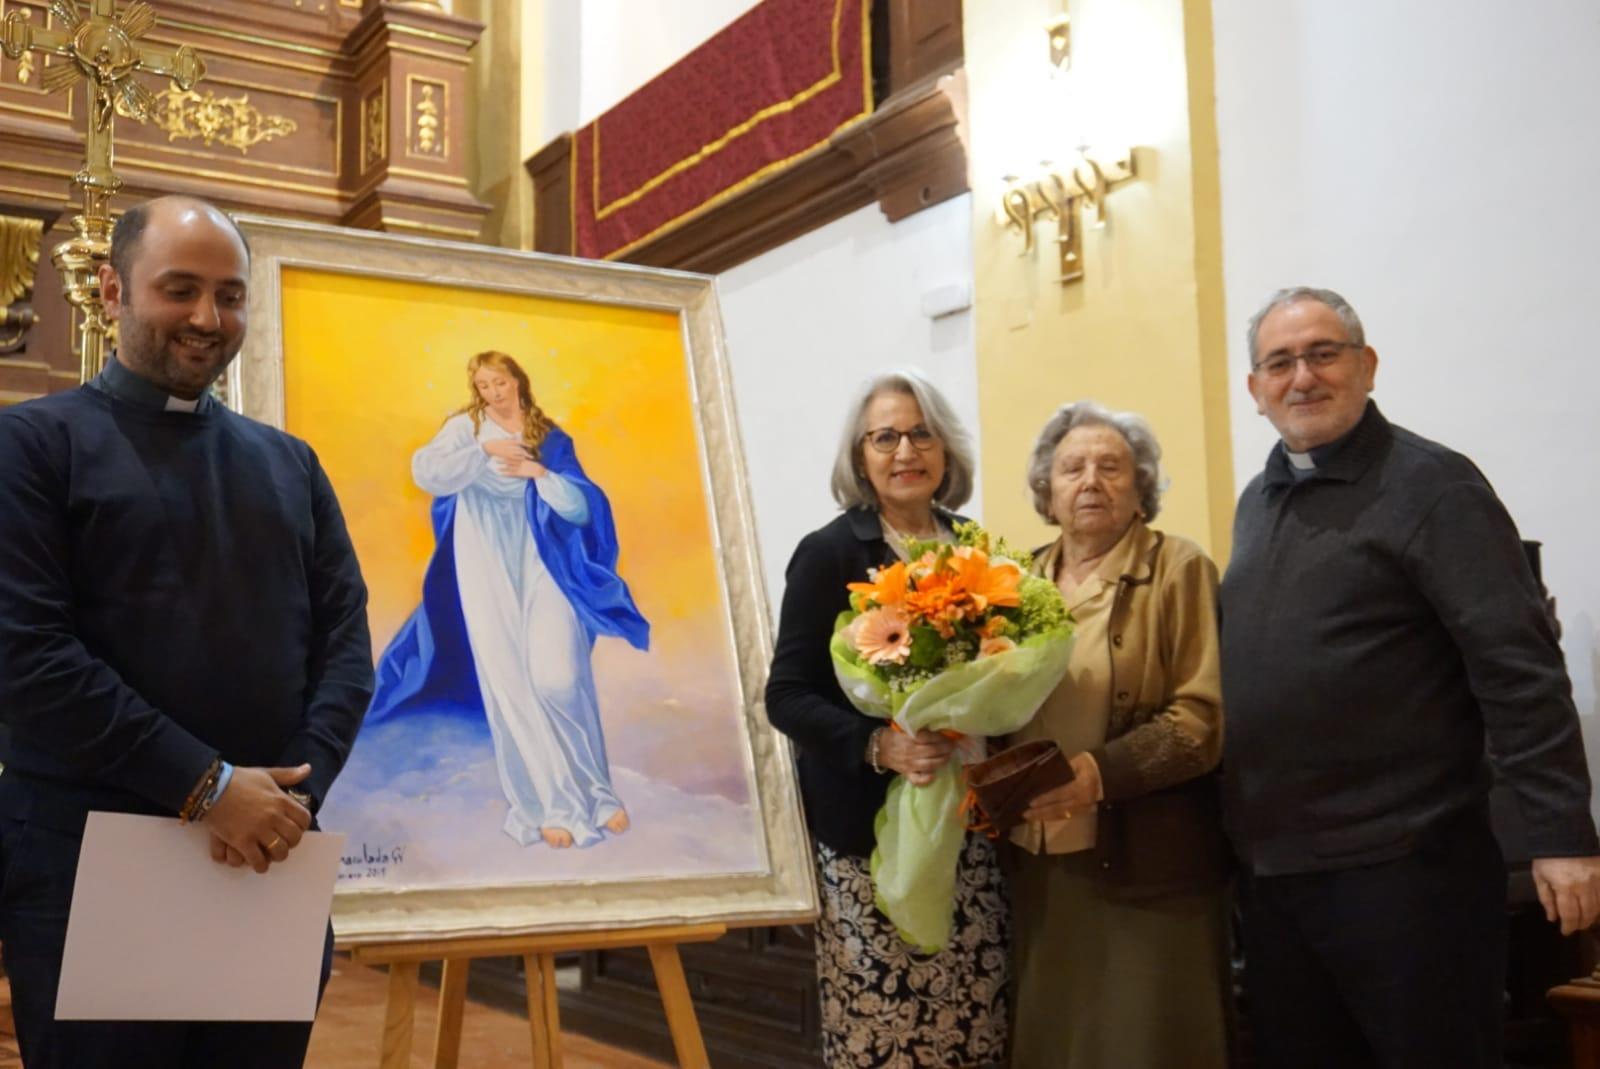 Inmaculada García junto a su cuadro de la Inmaculada Concepción1 - La pintora Inmaculada García dona un cuadro de temática inmaculista a la parroquia